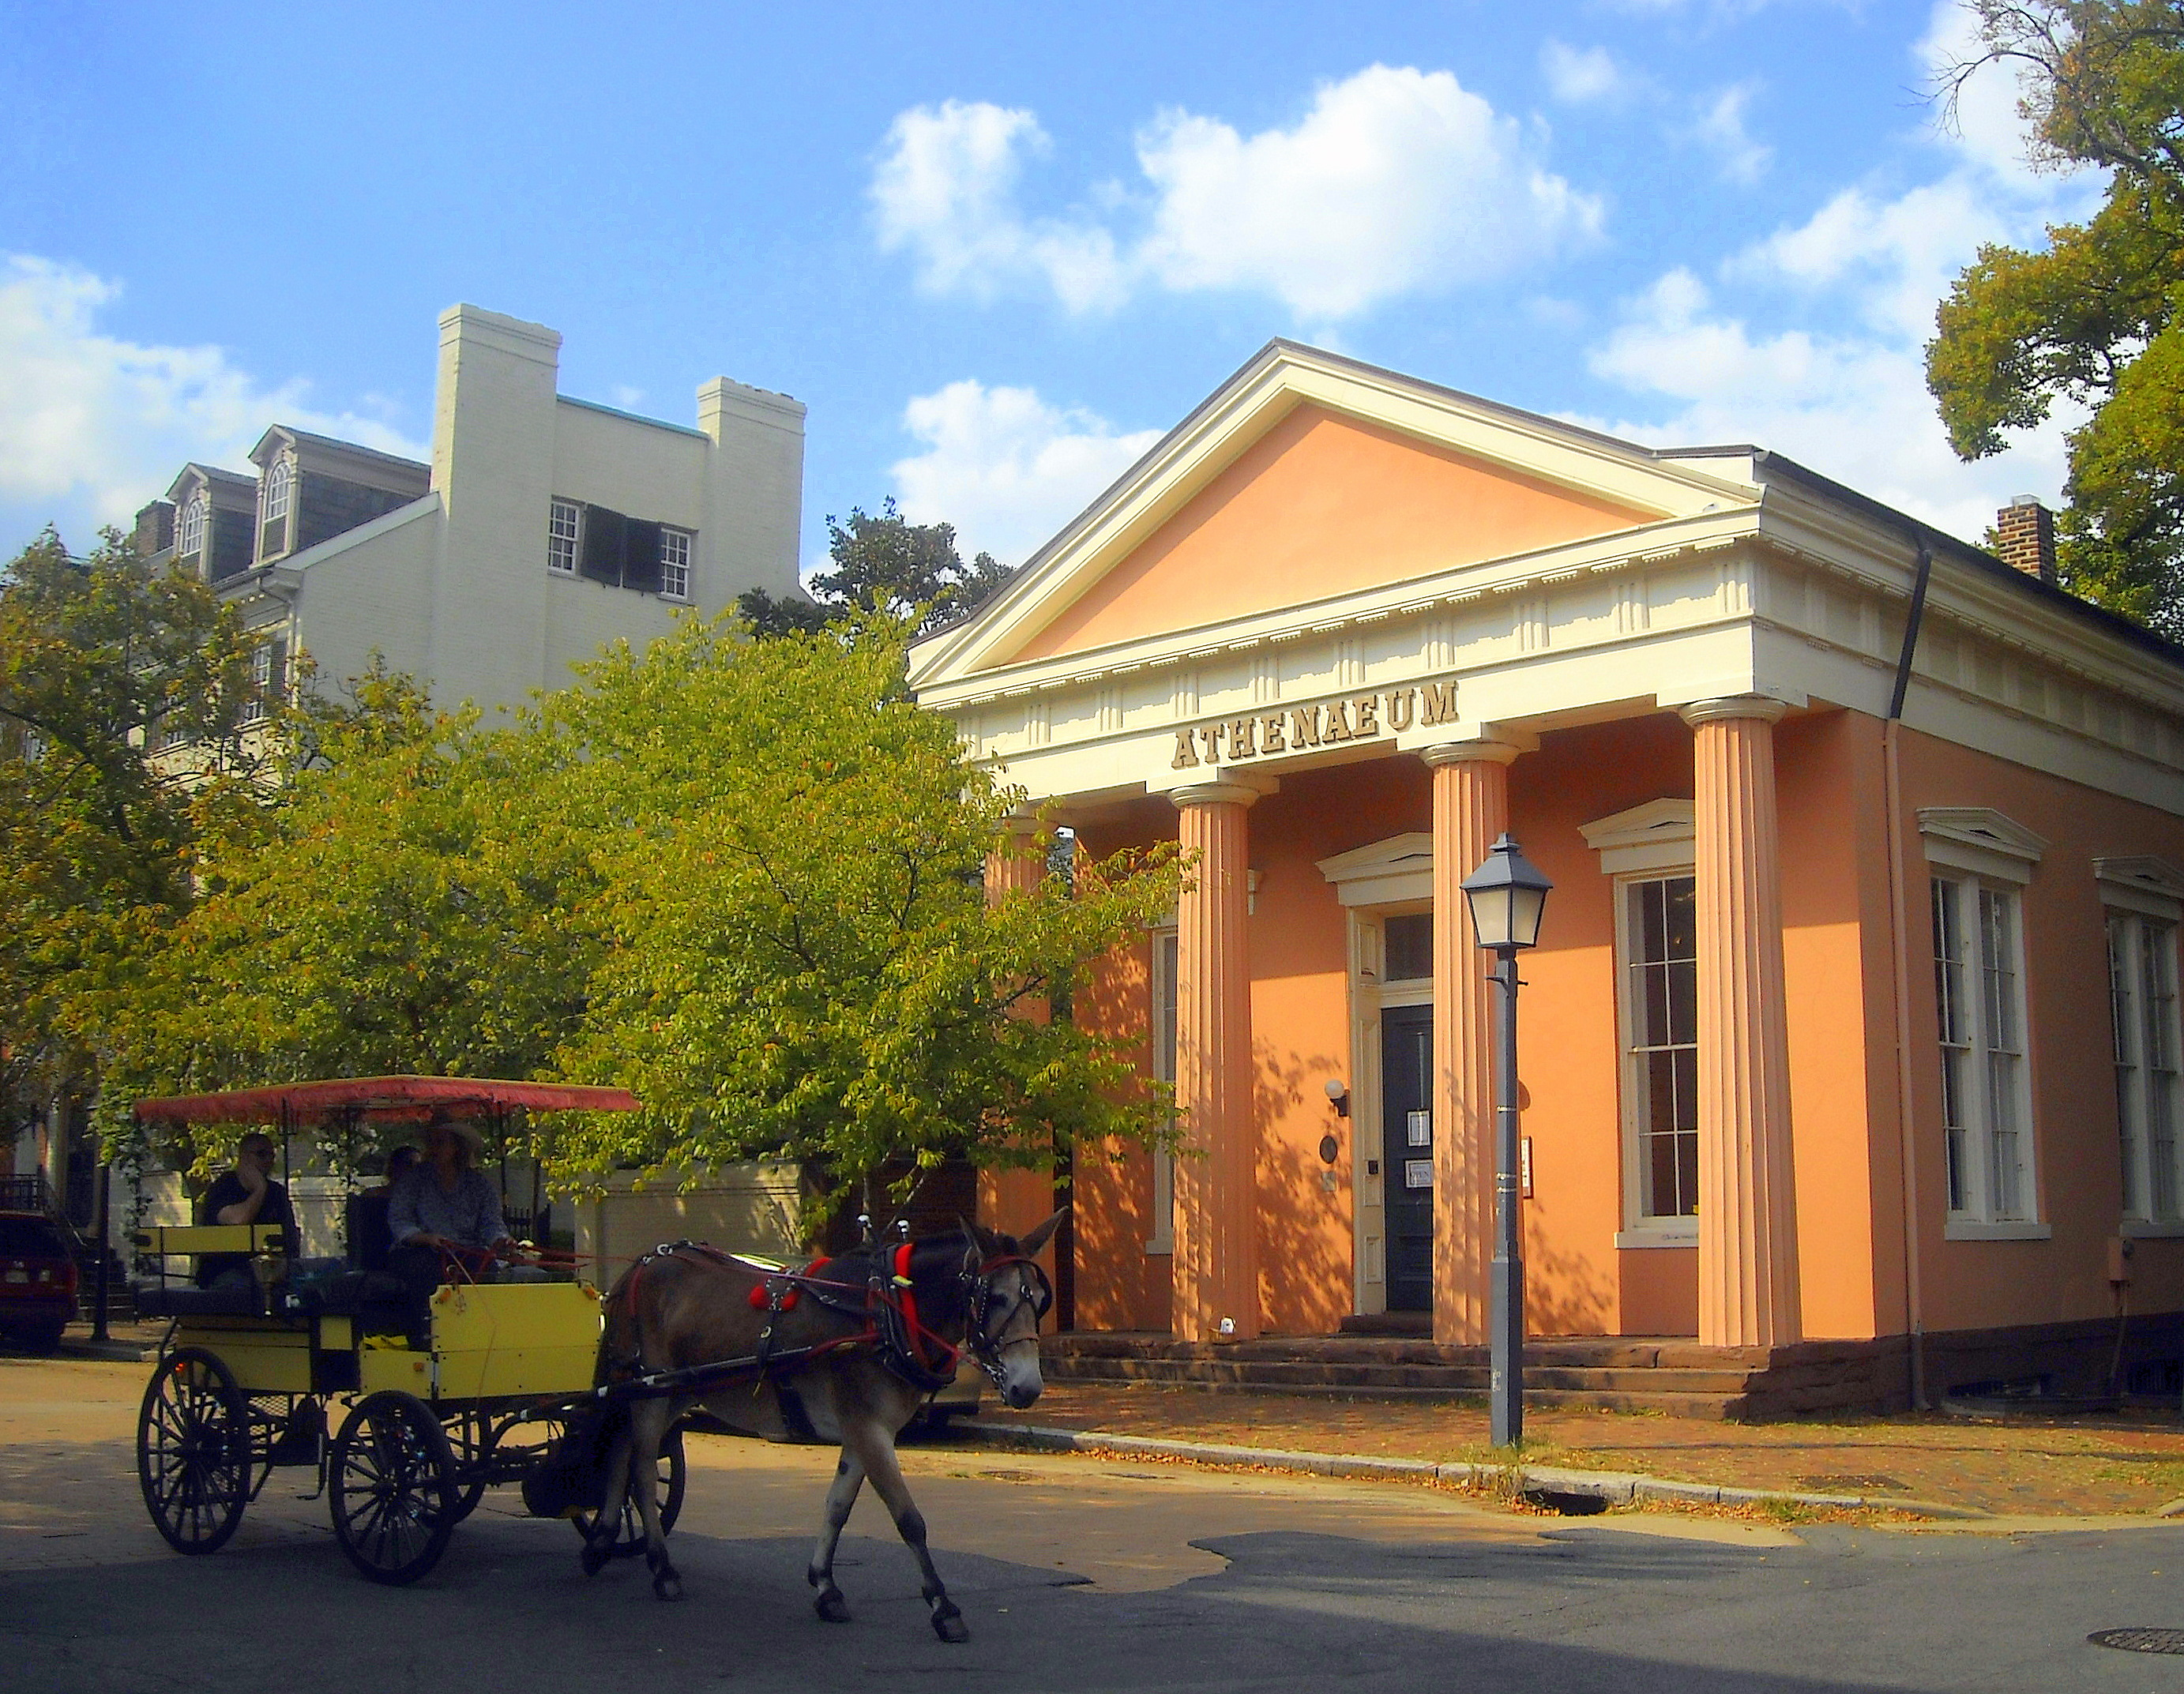 Athenaeum